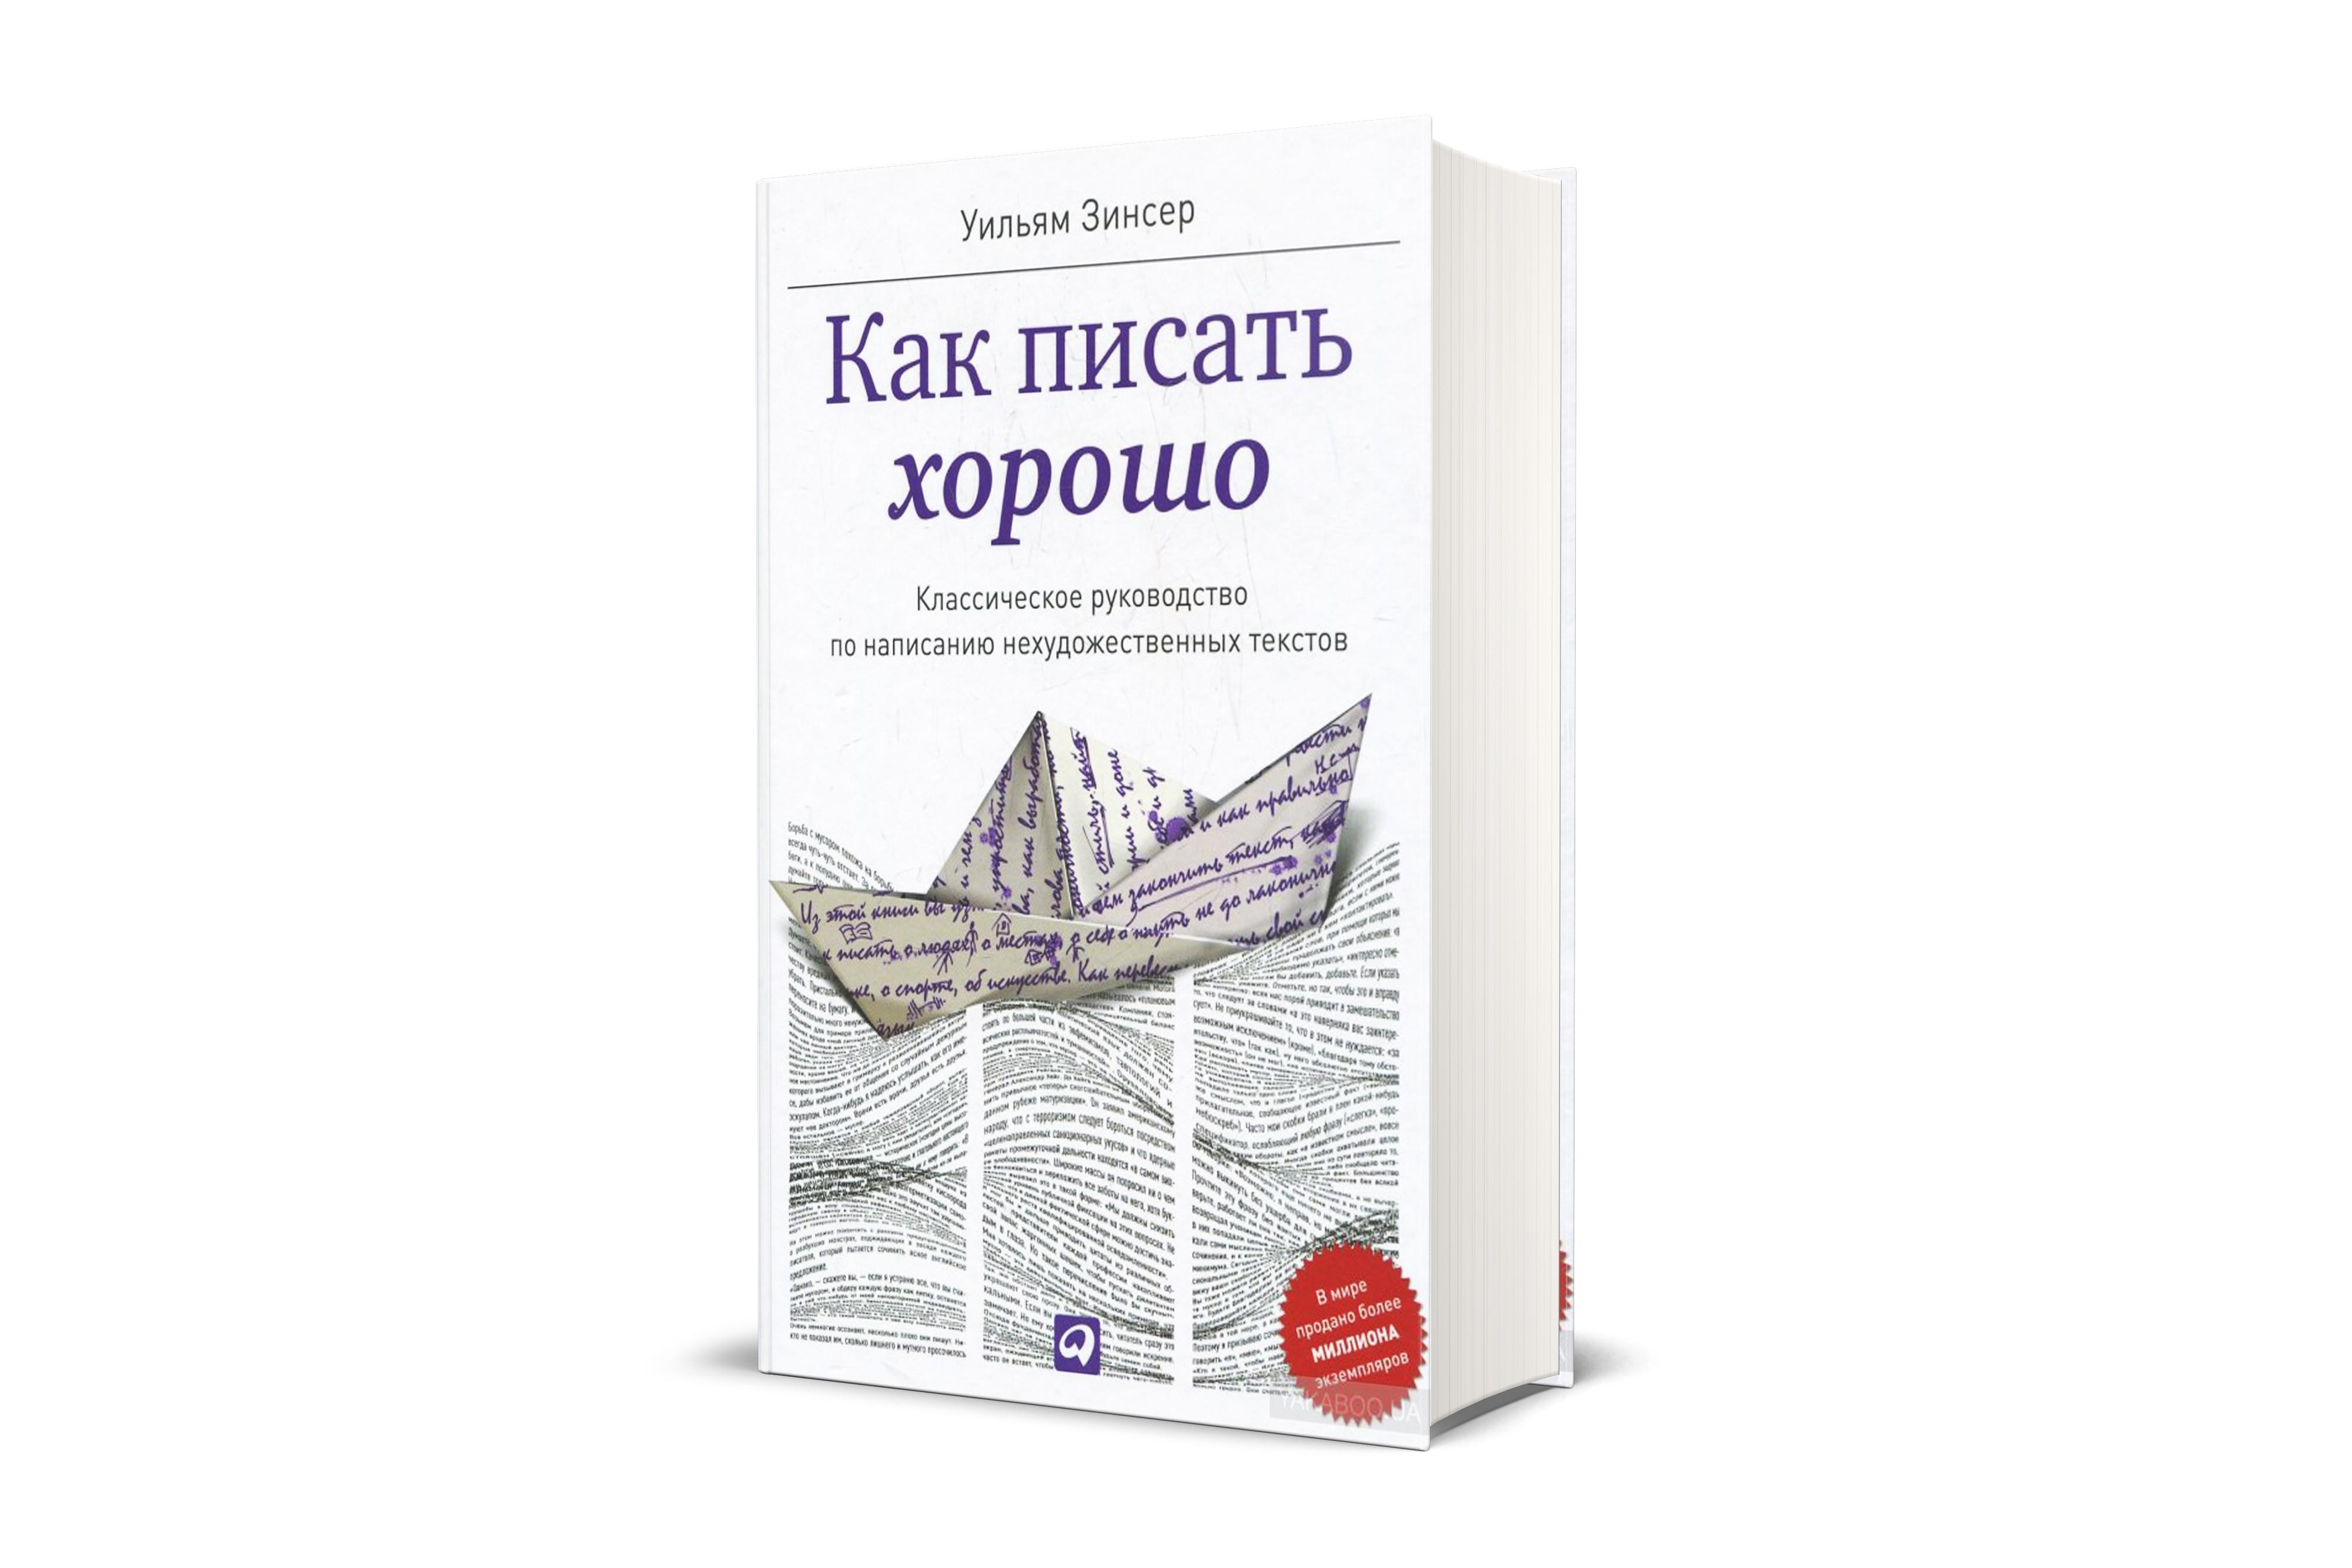 Наука о писательстве, или Что почитать о хороших текстах? - Блог Yakaboo.ua